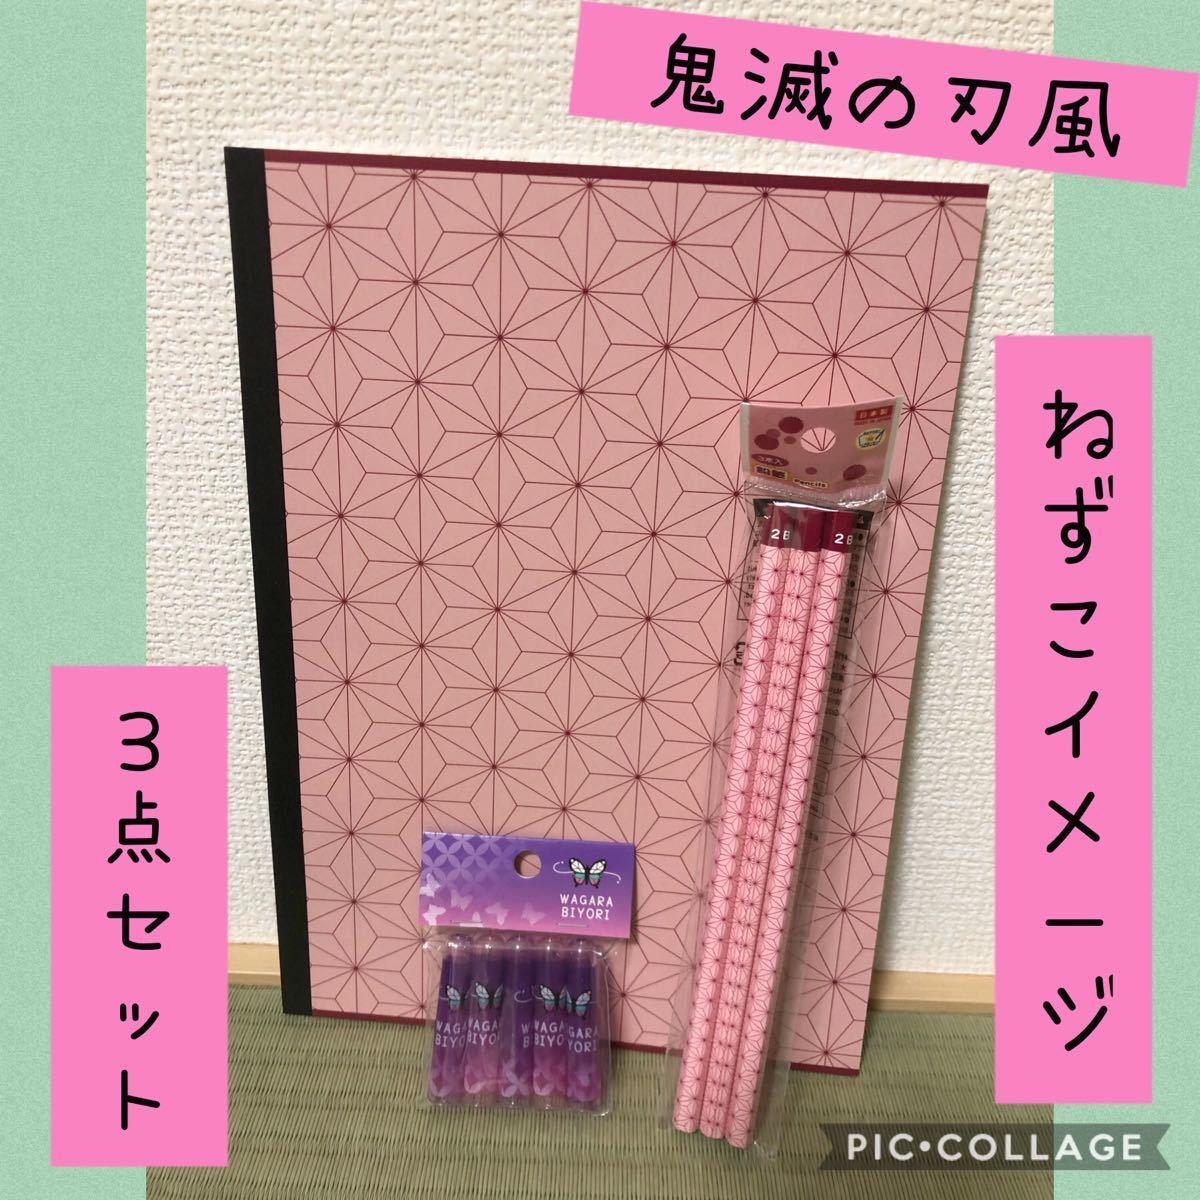 ☆ 鬼滅の刃風 和柄 ねずこ しのぶイメージ ノート キャップ 鉛筆 三個セット☆